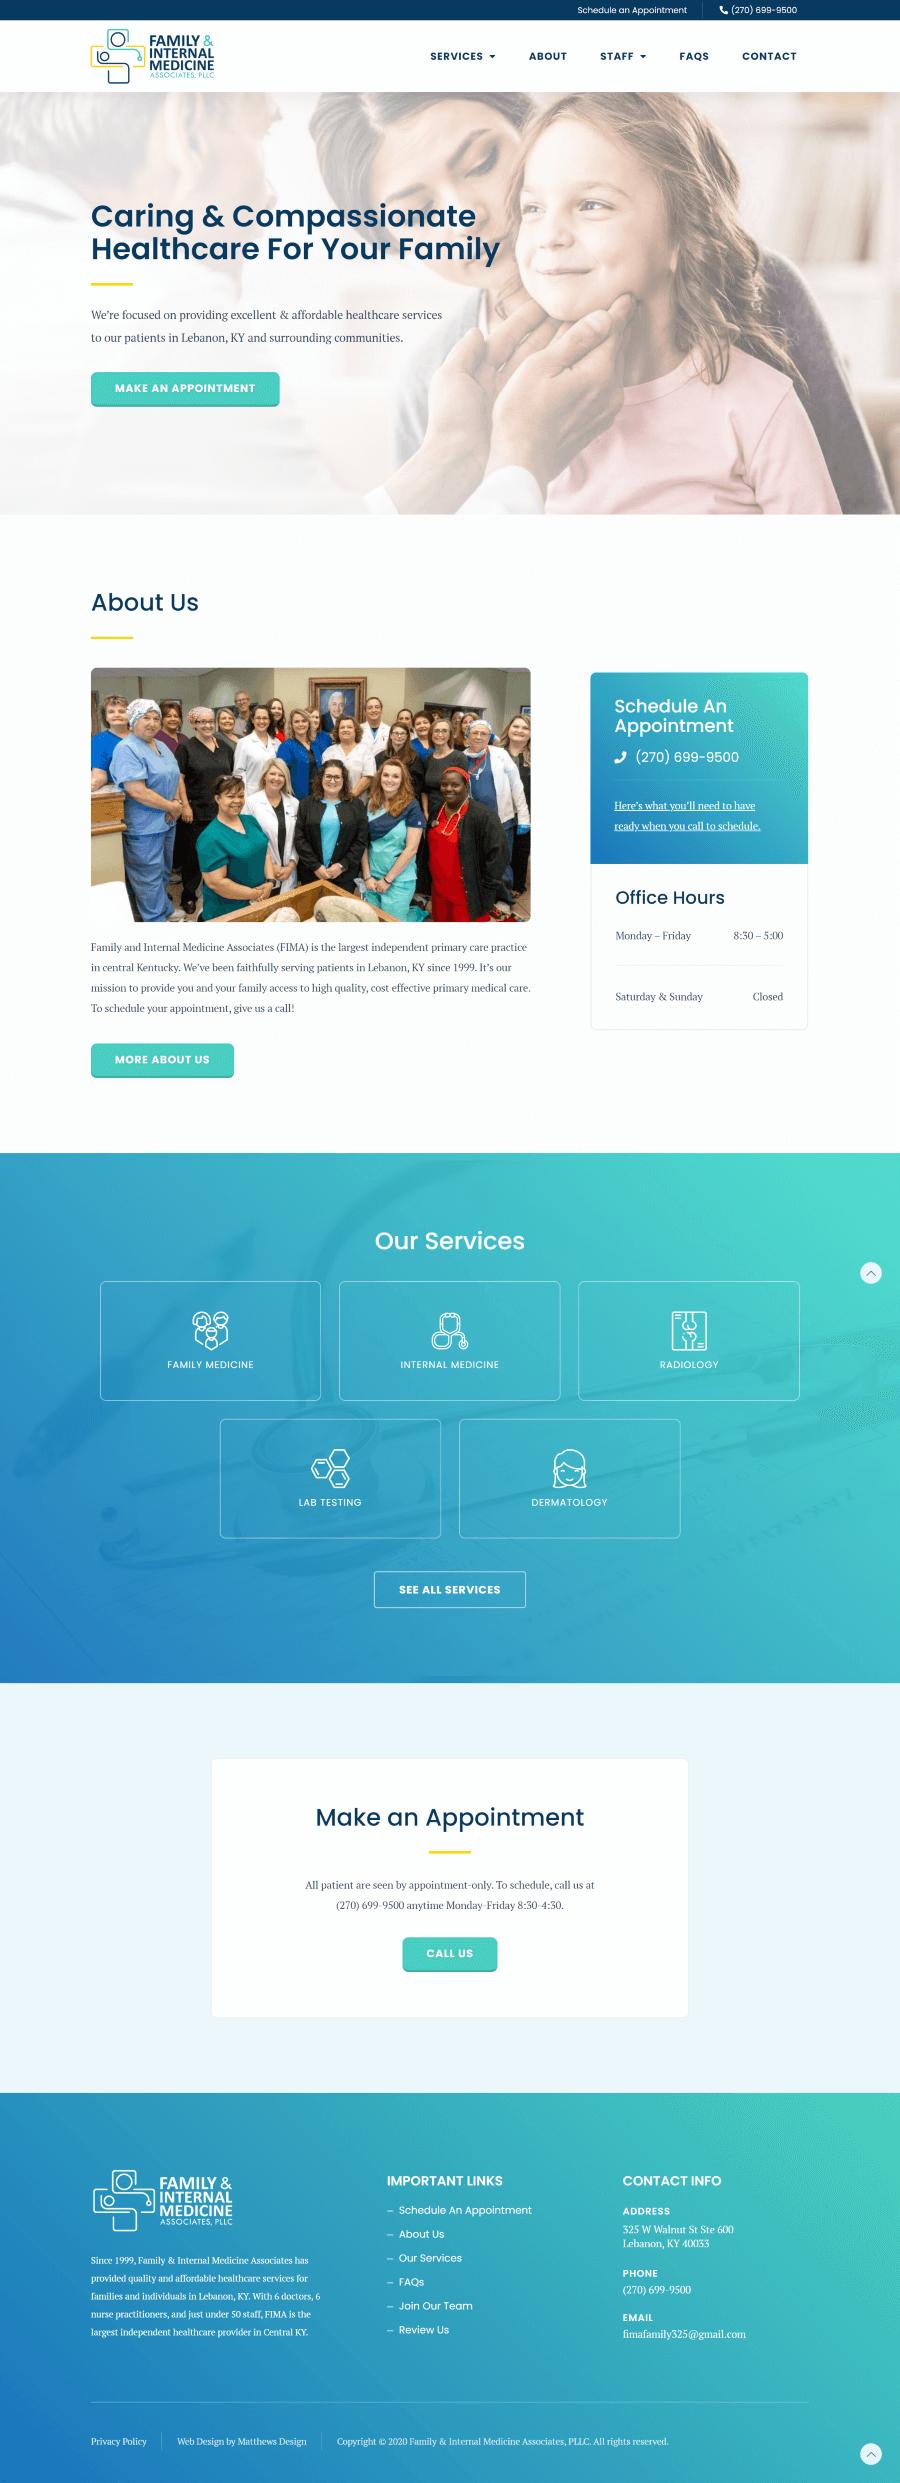 Family & Internal Medicine Associates Website Design by Matthews Design